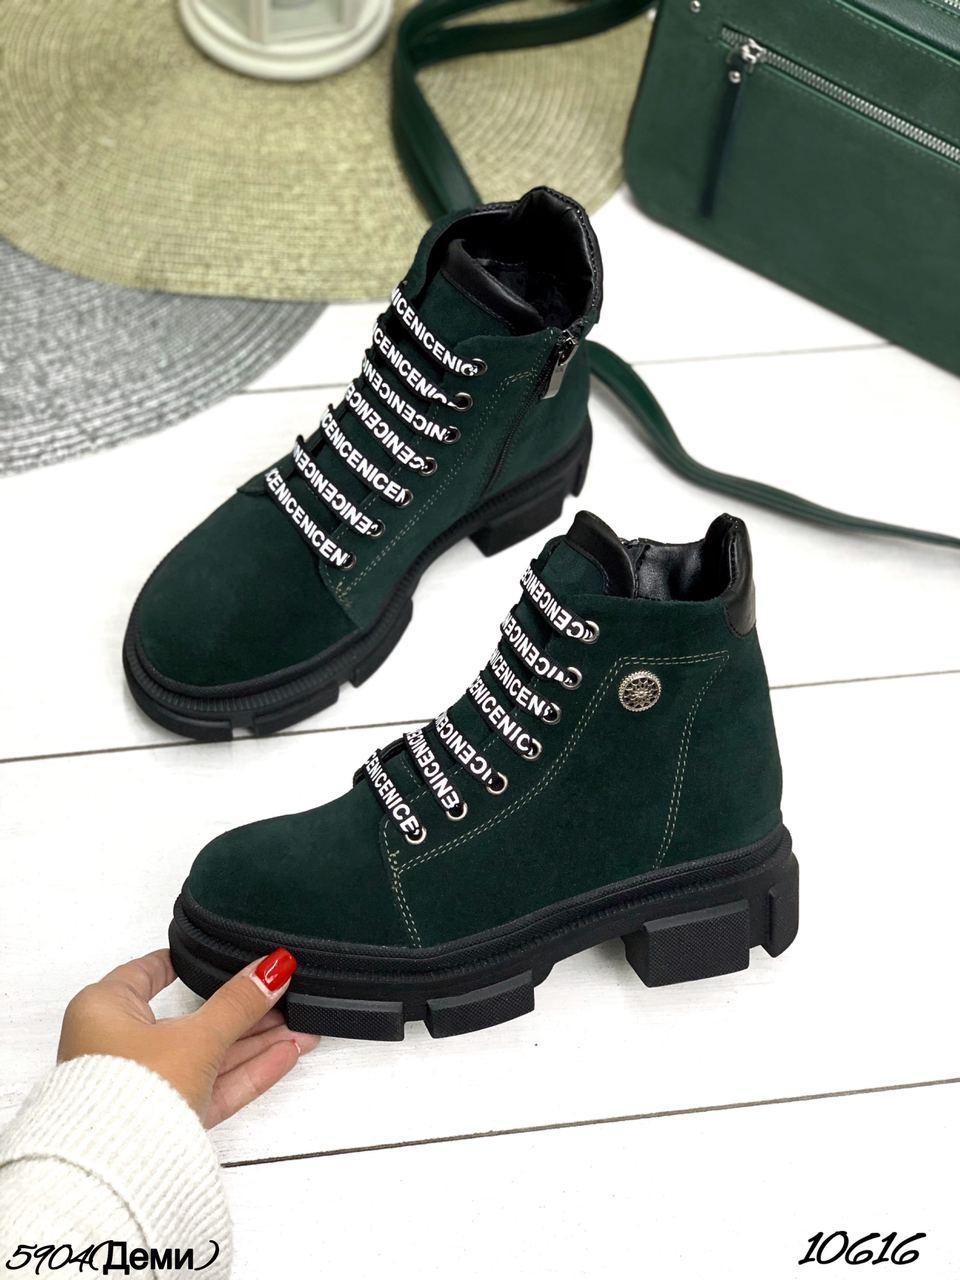 Ботинки демисезон Floor темно-зеленый замш натуральный